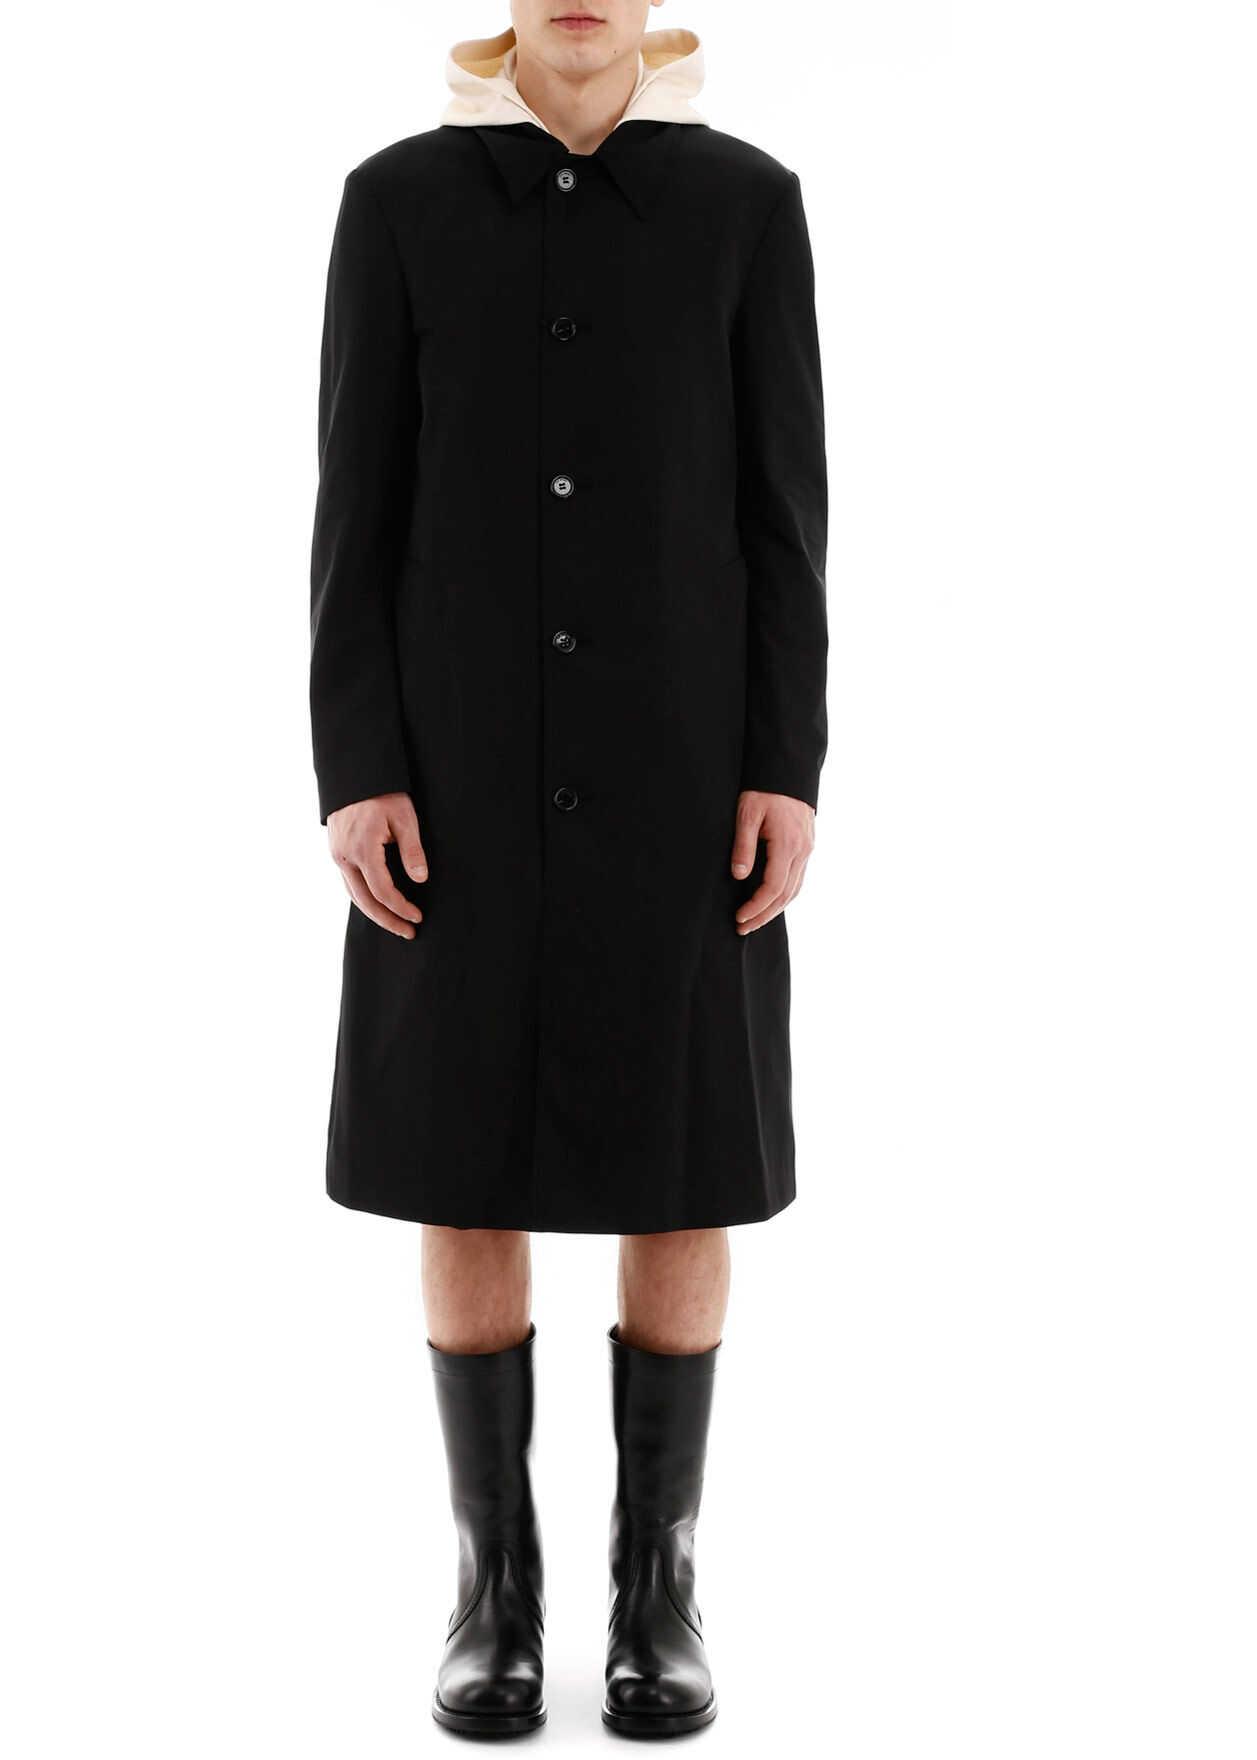 Raf Simons Car Coat Slim Fit Raincoat BLACK imagine